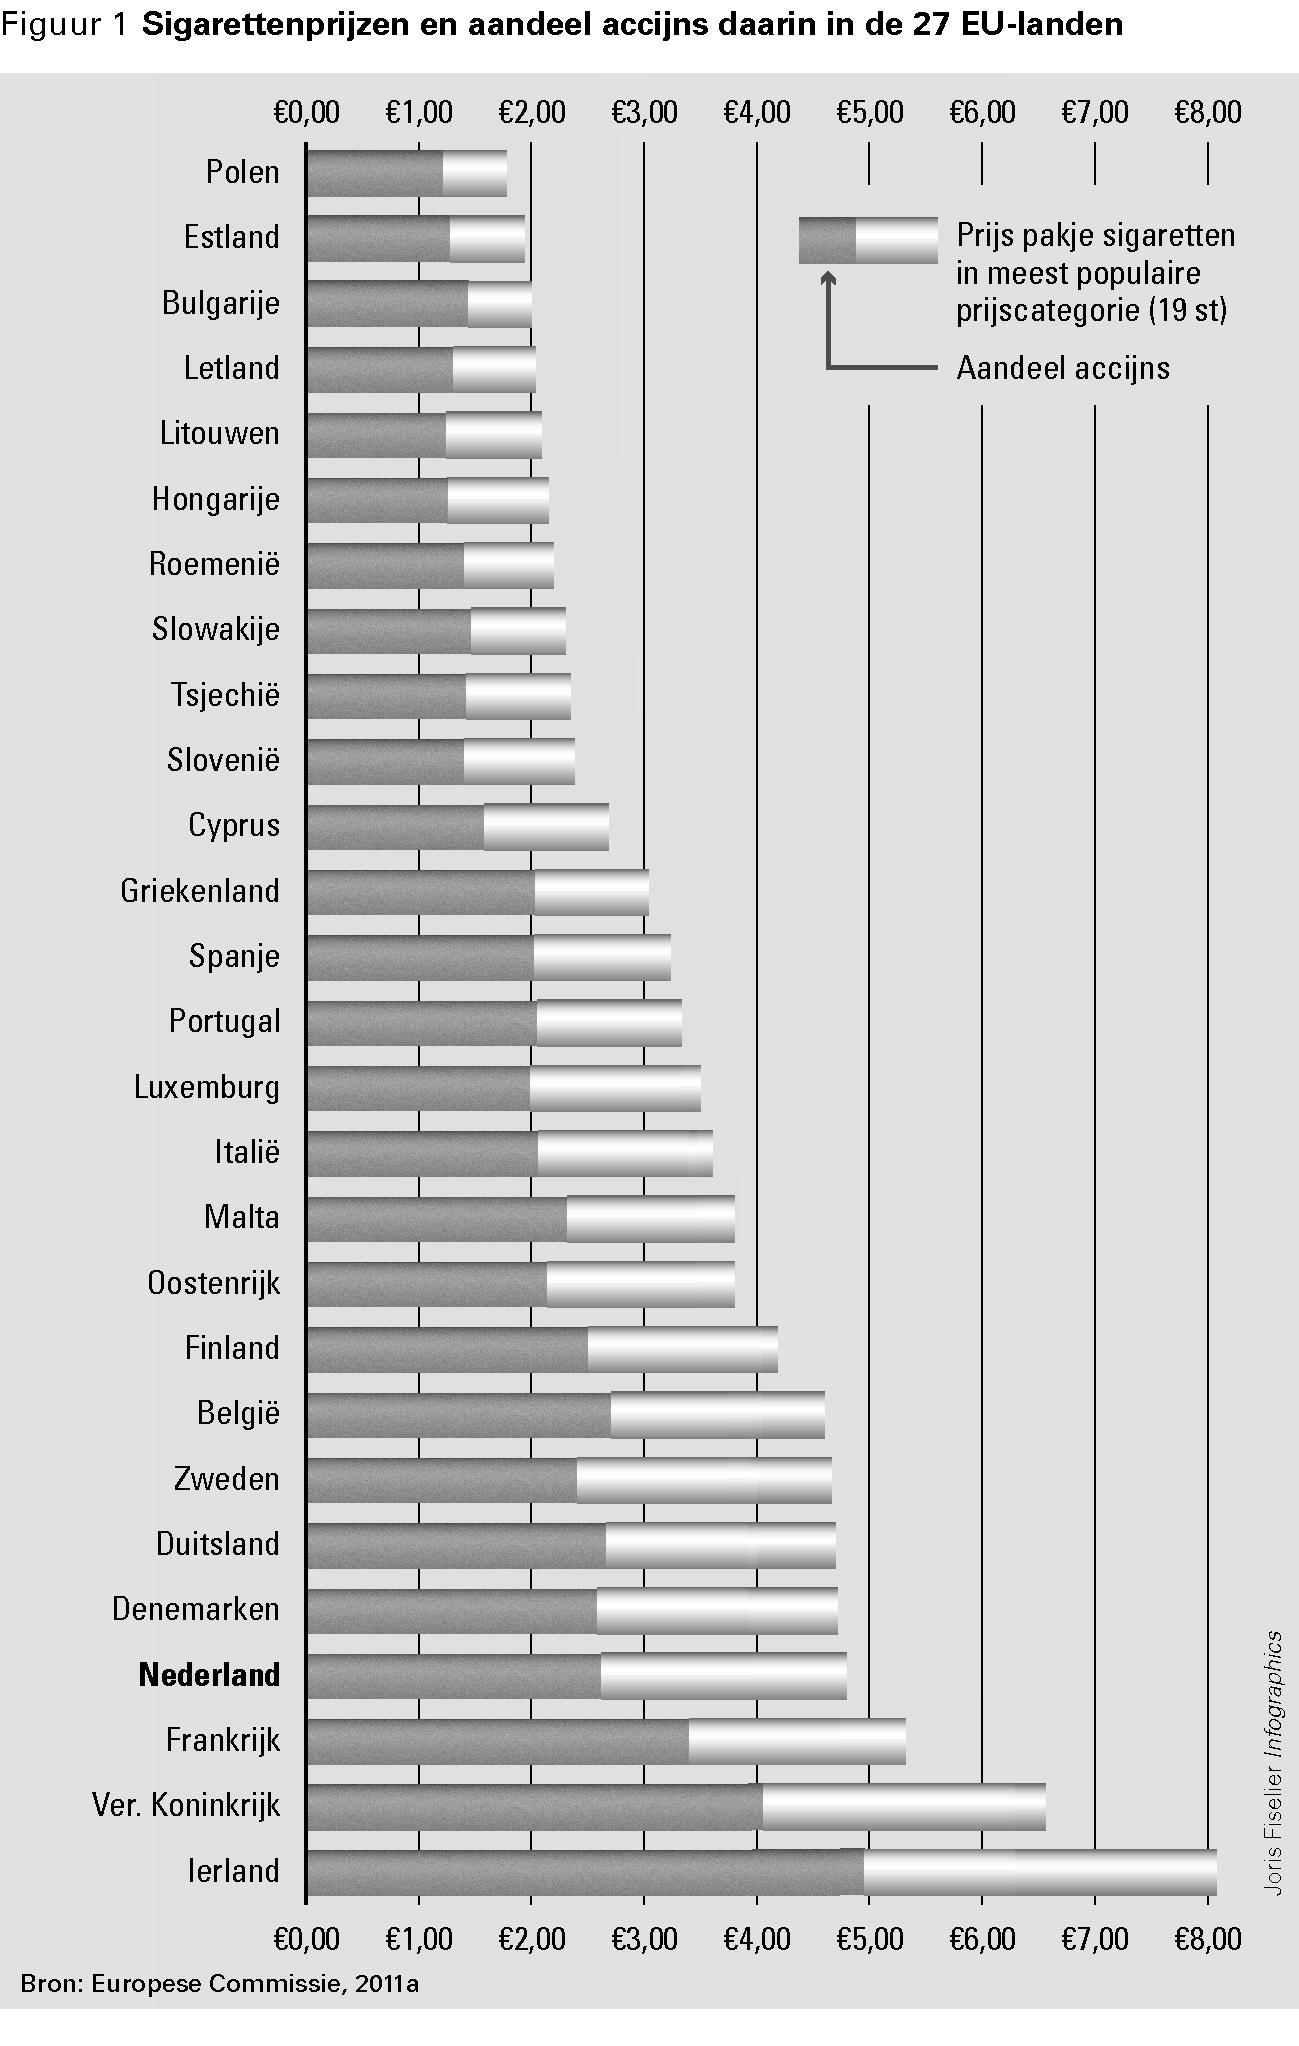 Accijns alcohol europa